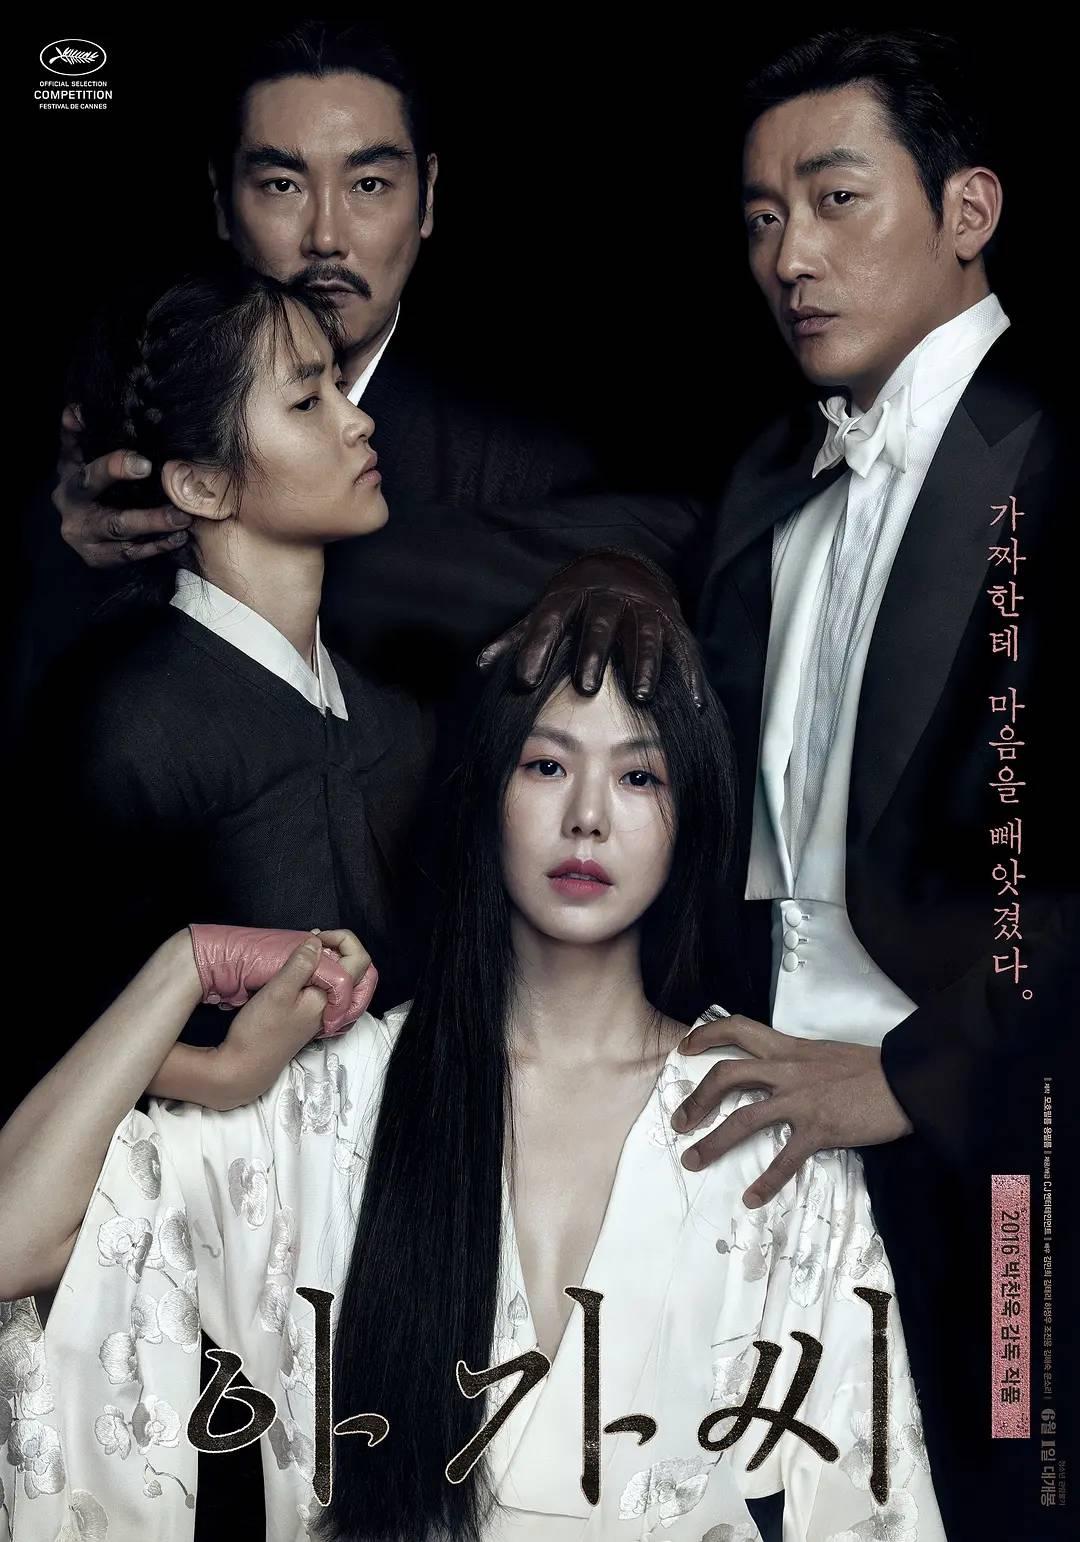 韩国电影下女讲什么 下女电影解析结局